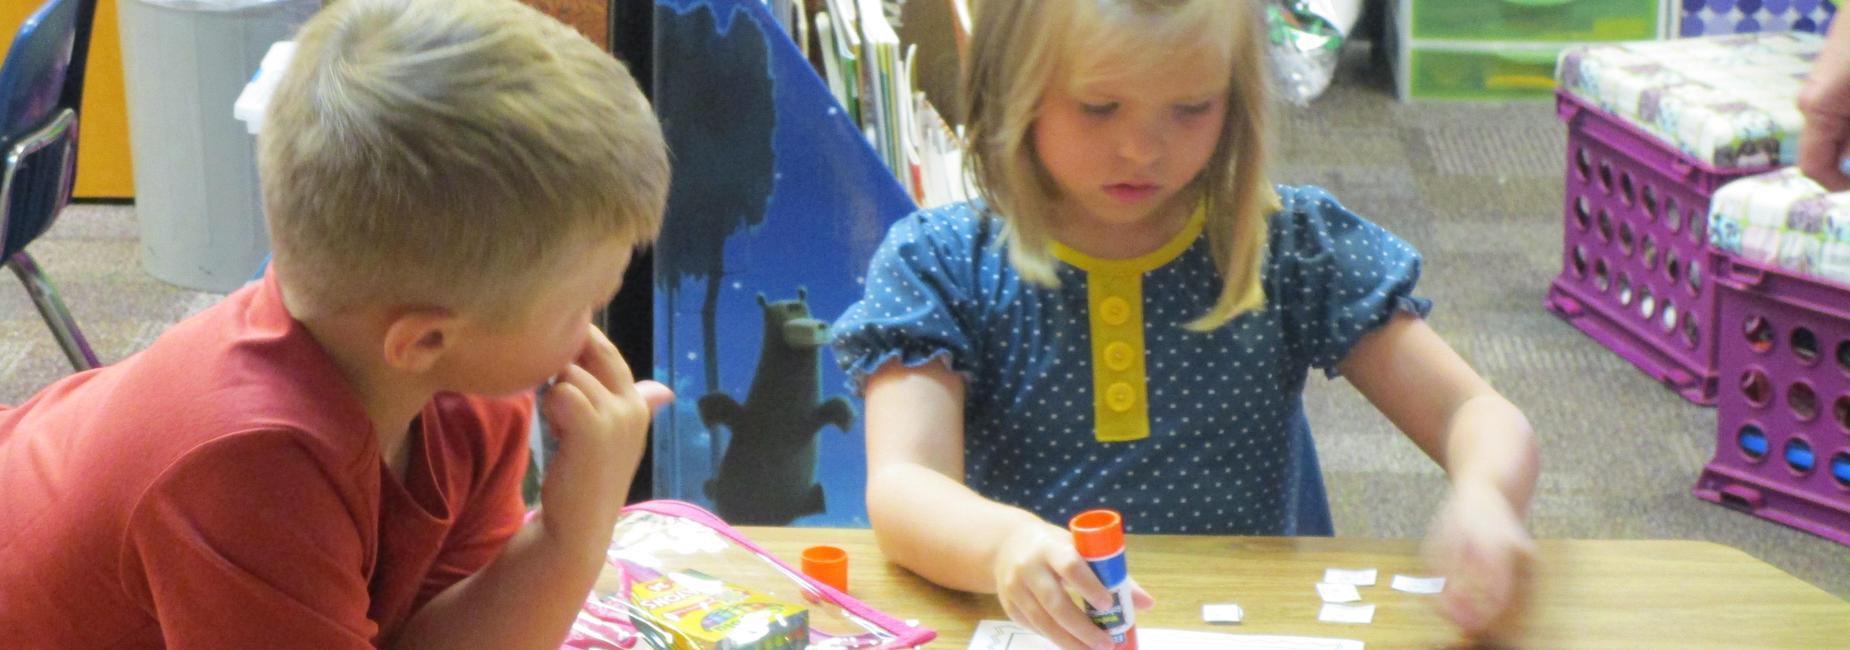 kindergarten working at tables